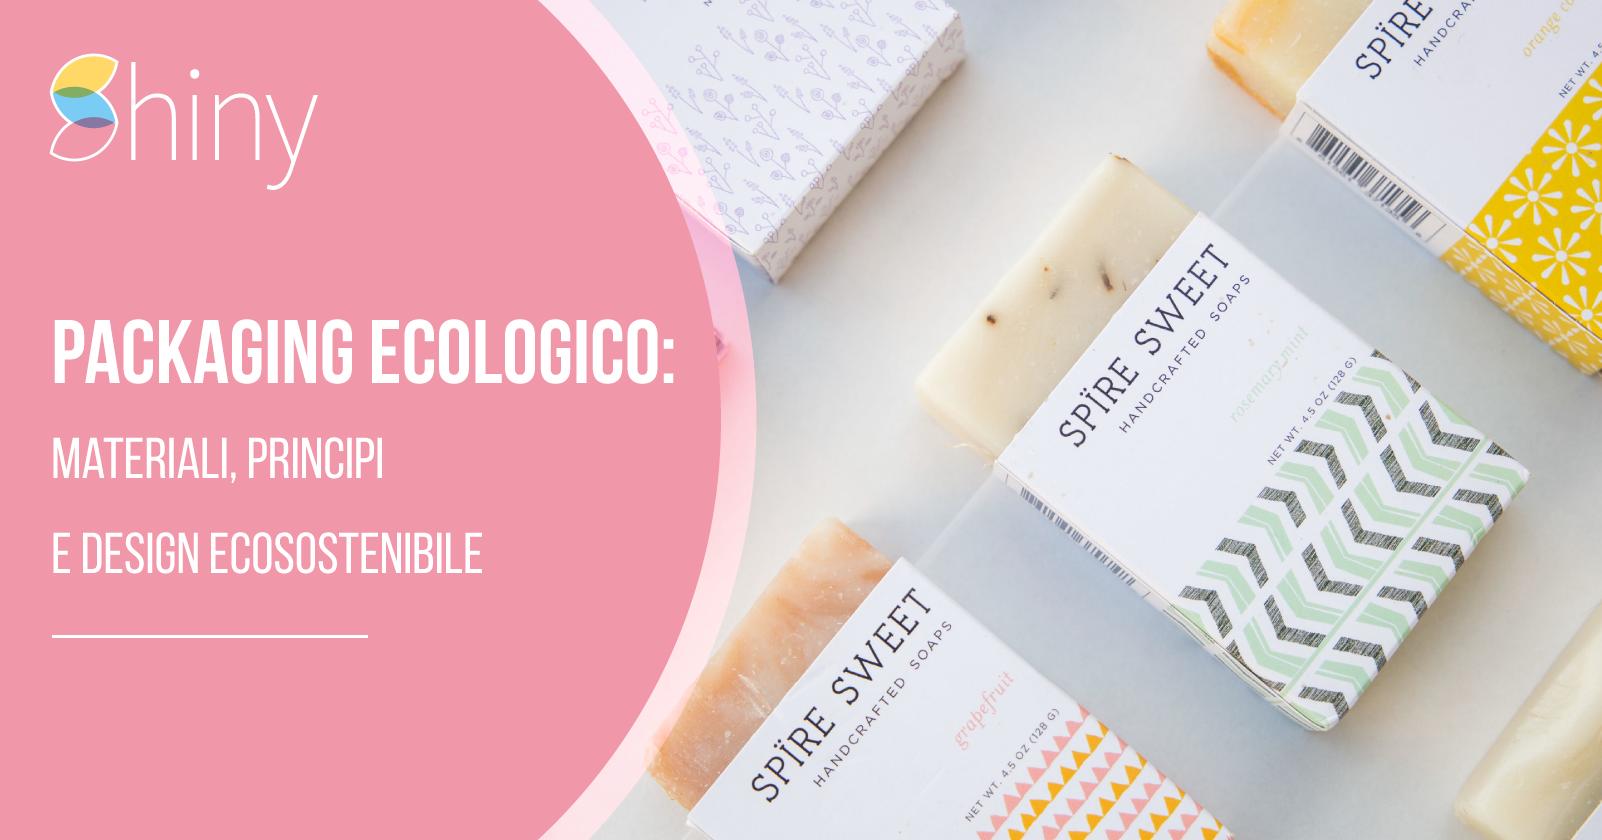 Packaging ecologico - Materiali, principi e design ecosostenibile